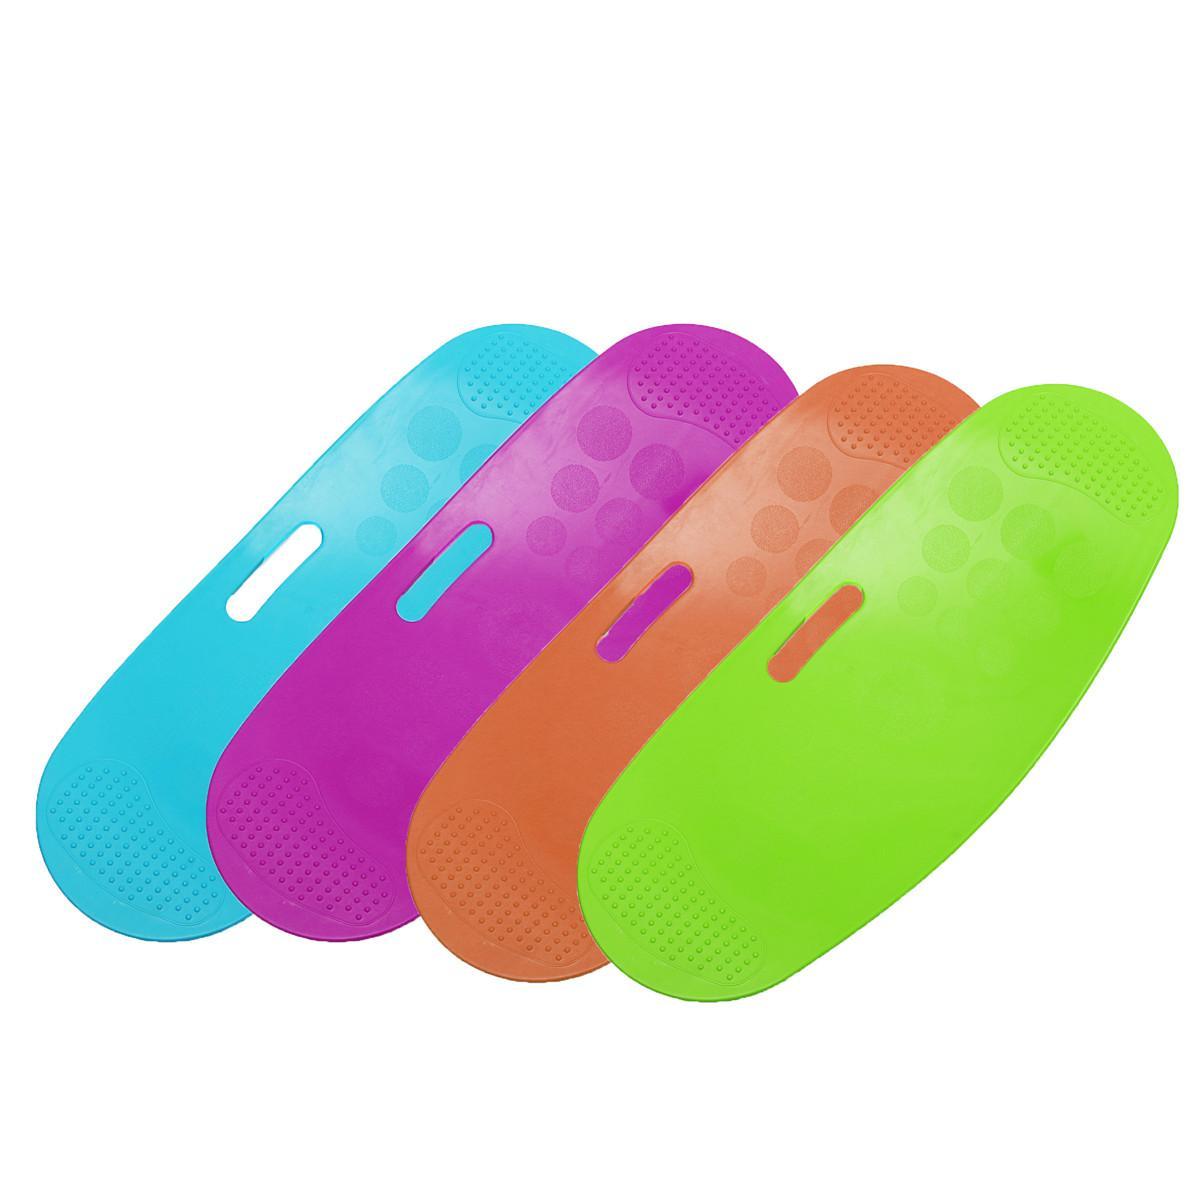 ABS Torsion Balance Fitness Board simple entraînement de base Yoga Twister muscles abdominaux Entraînement Jambes Équilibre Pad Prancha Fitness